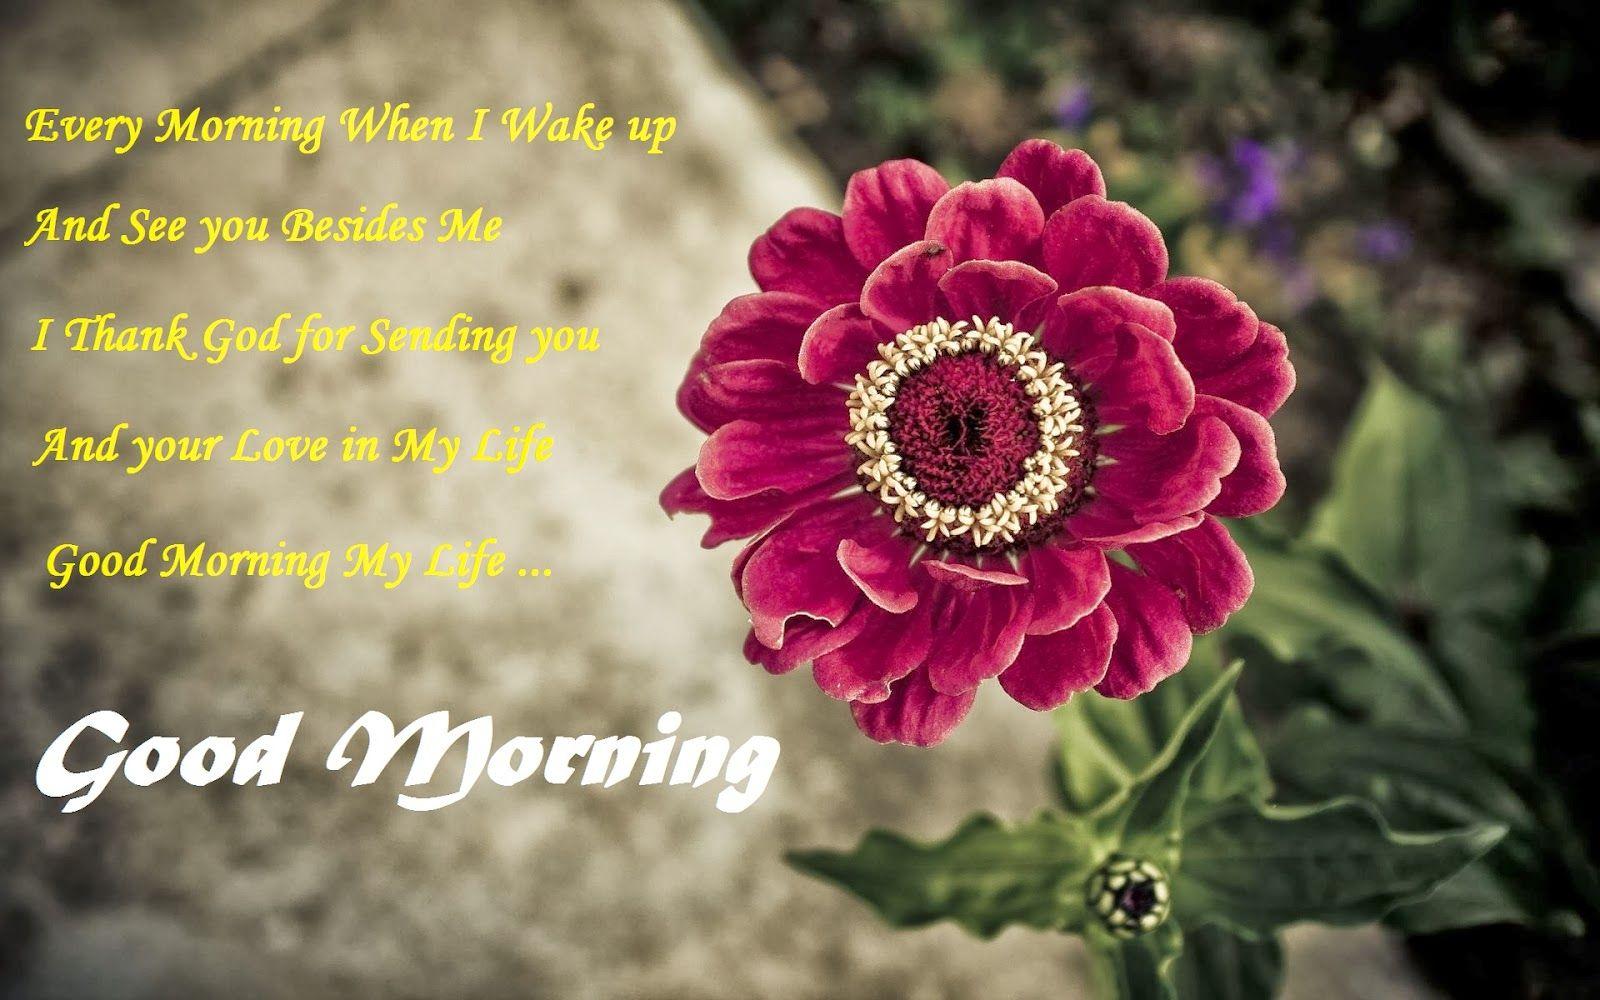 Good morning world best images - taryn terrell wallpaper steamer